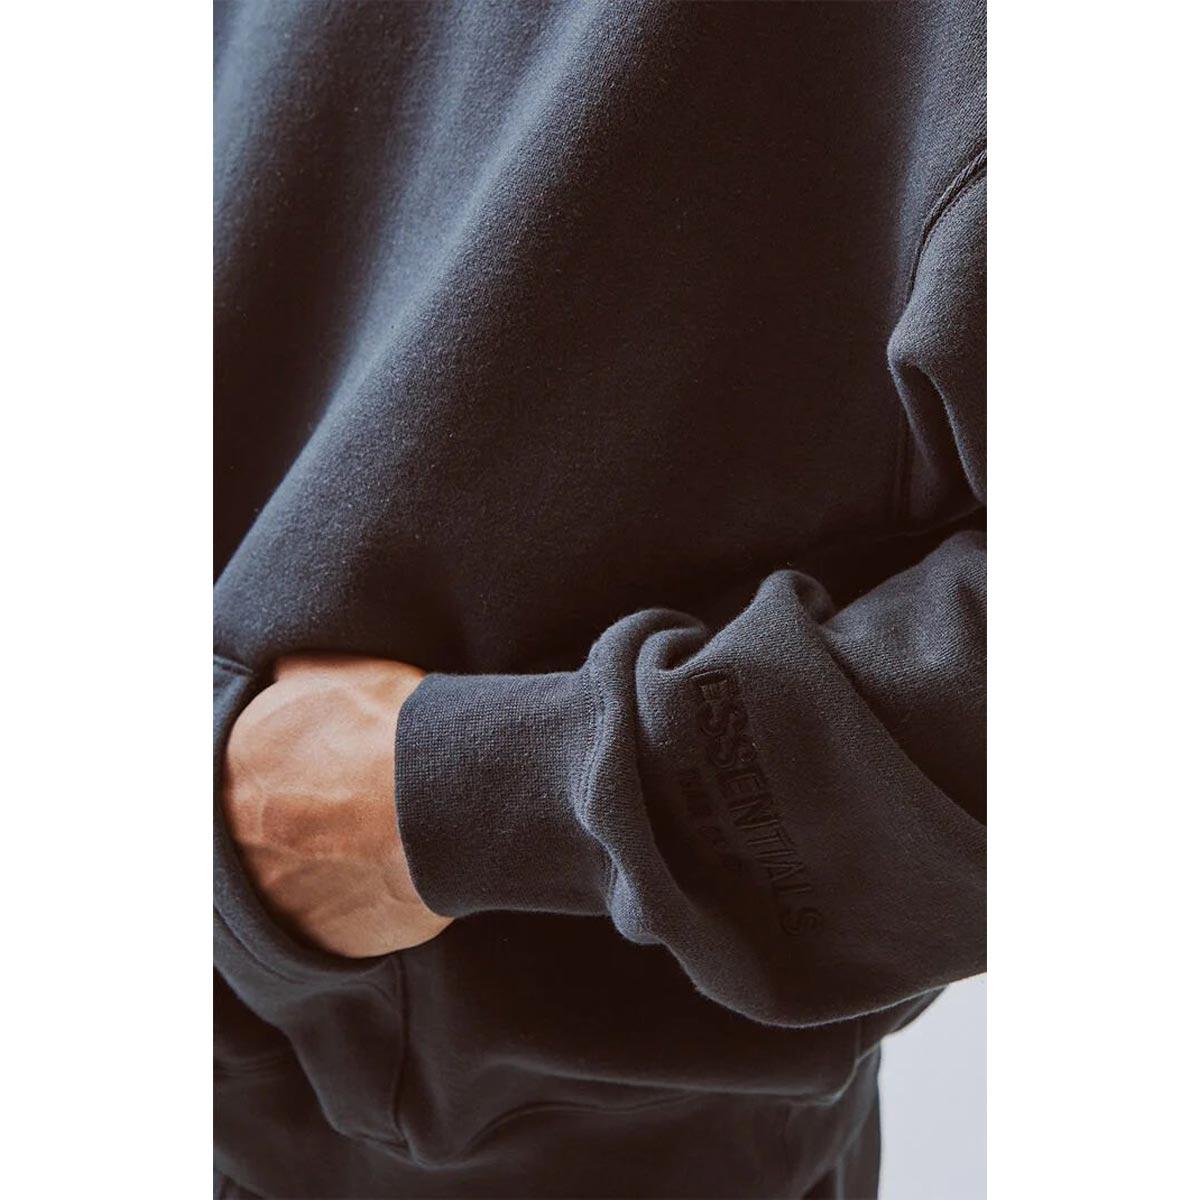 フィアオブゴッド パーカー 正規品 FEAR OF GOD エッセンシャルズ プルオーバーパーカー FOG - FEAR OF GOD ESSENTIALS 3M LOGO PULLOVER HOODIE BLACK/BLACK AA5B B1C C1D D5E E13F